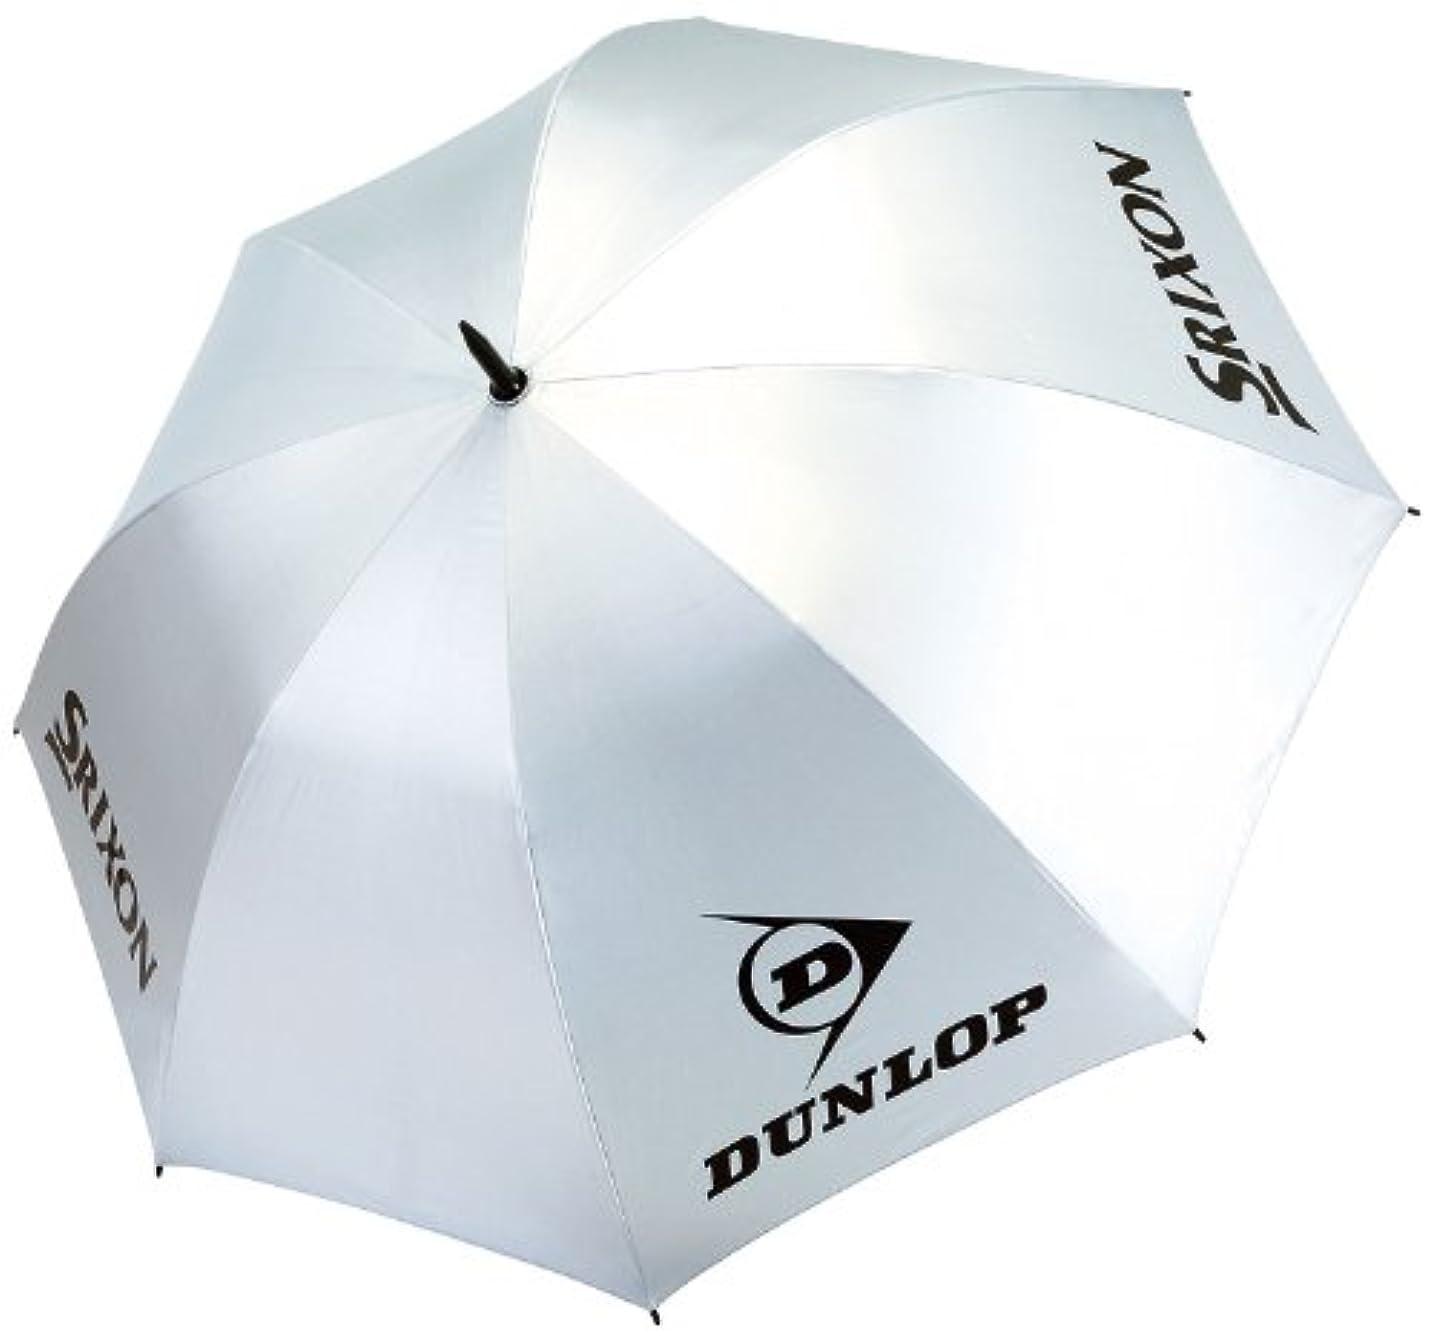 パイロット銃句読点DUNLOP(ダンロップ) 傘 日傘 UVカット加工 晴雨兼用 パラソル シルバー 75cm 849 TAC-808